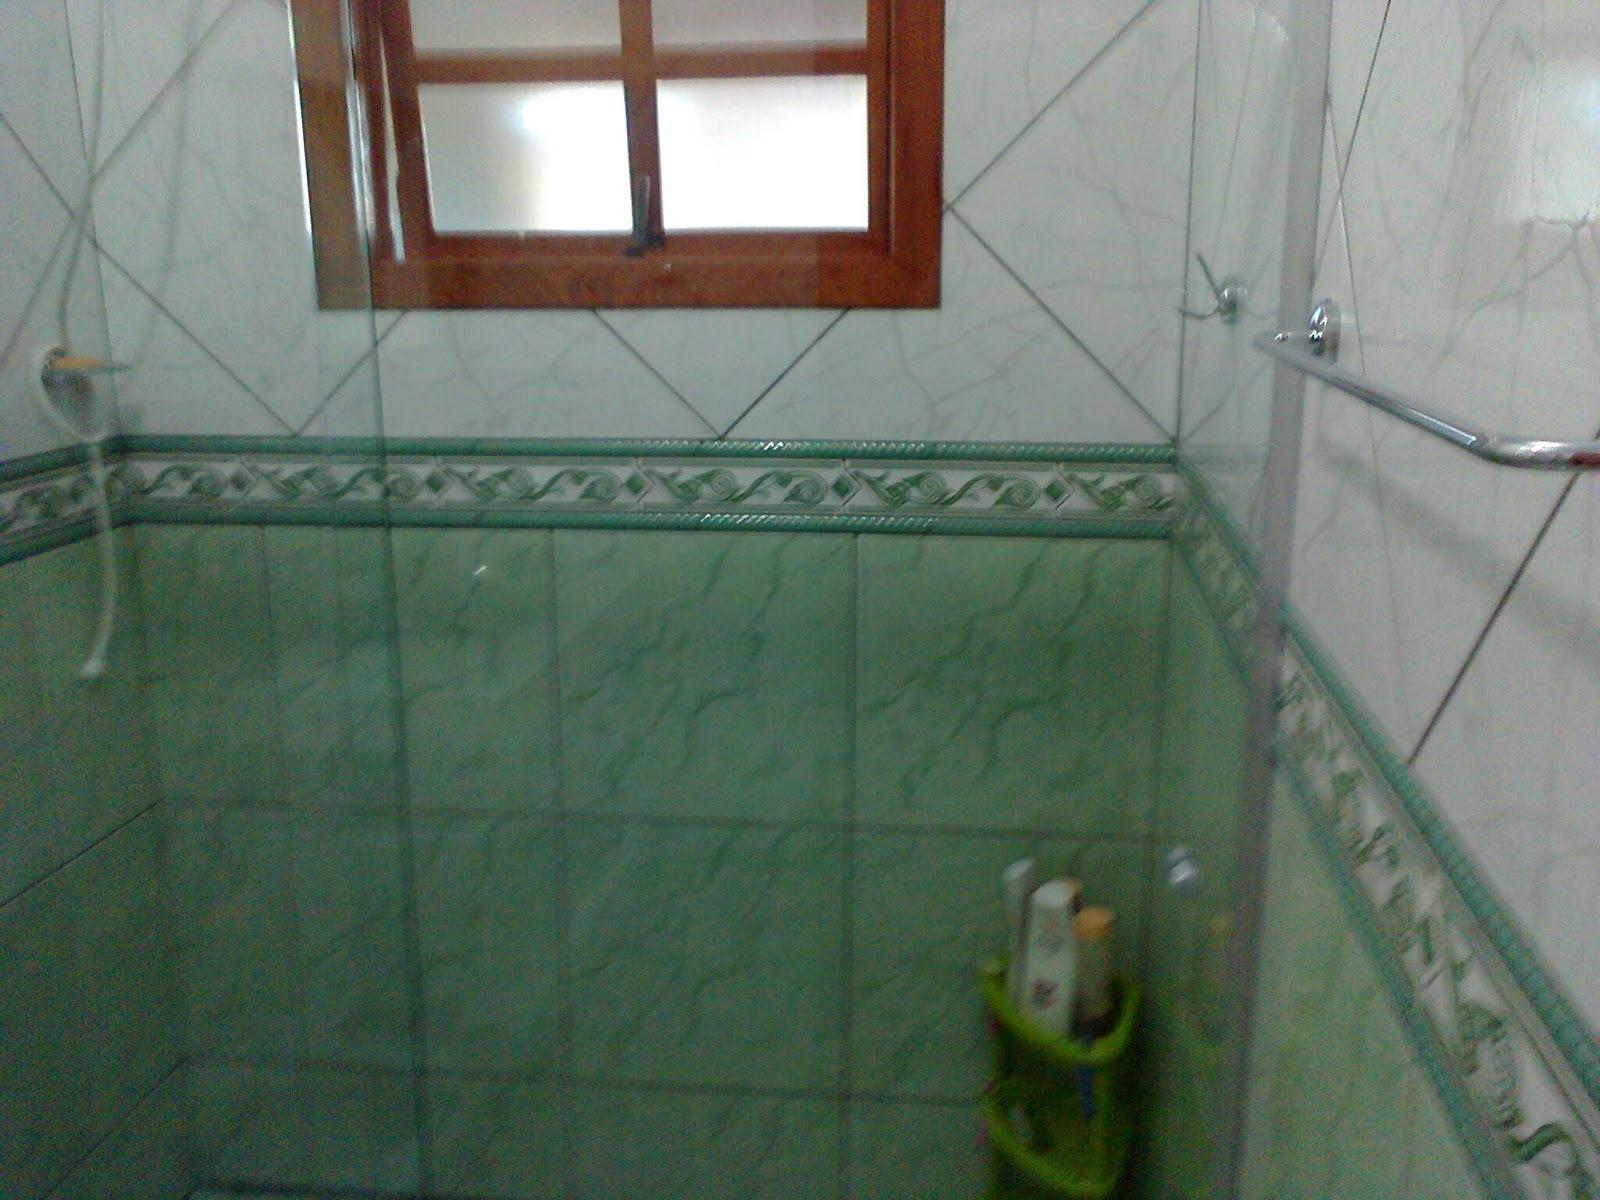 Arte Pisos & Azulejos: Banheiros #643C2B 1600x1200 Azulejos Para Banheiro Branco E Preto